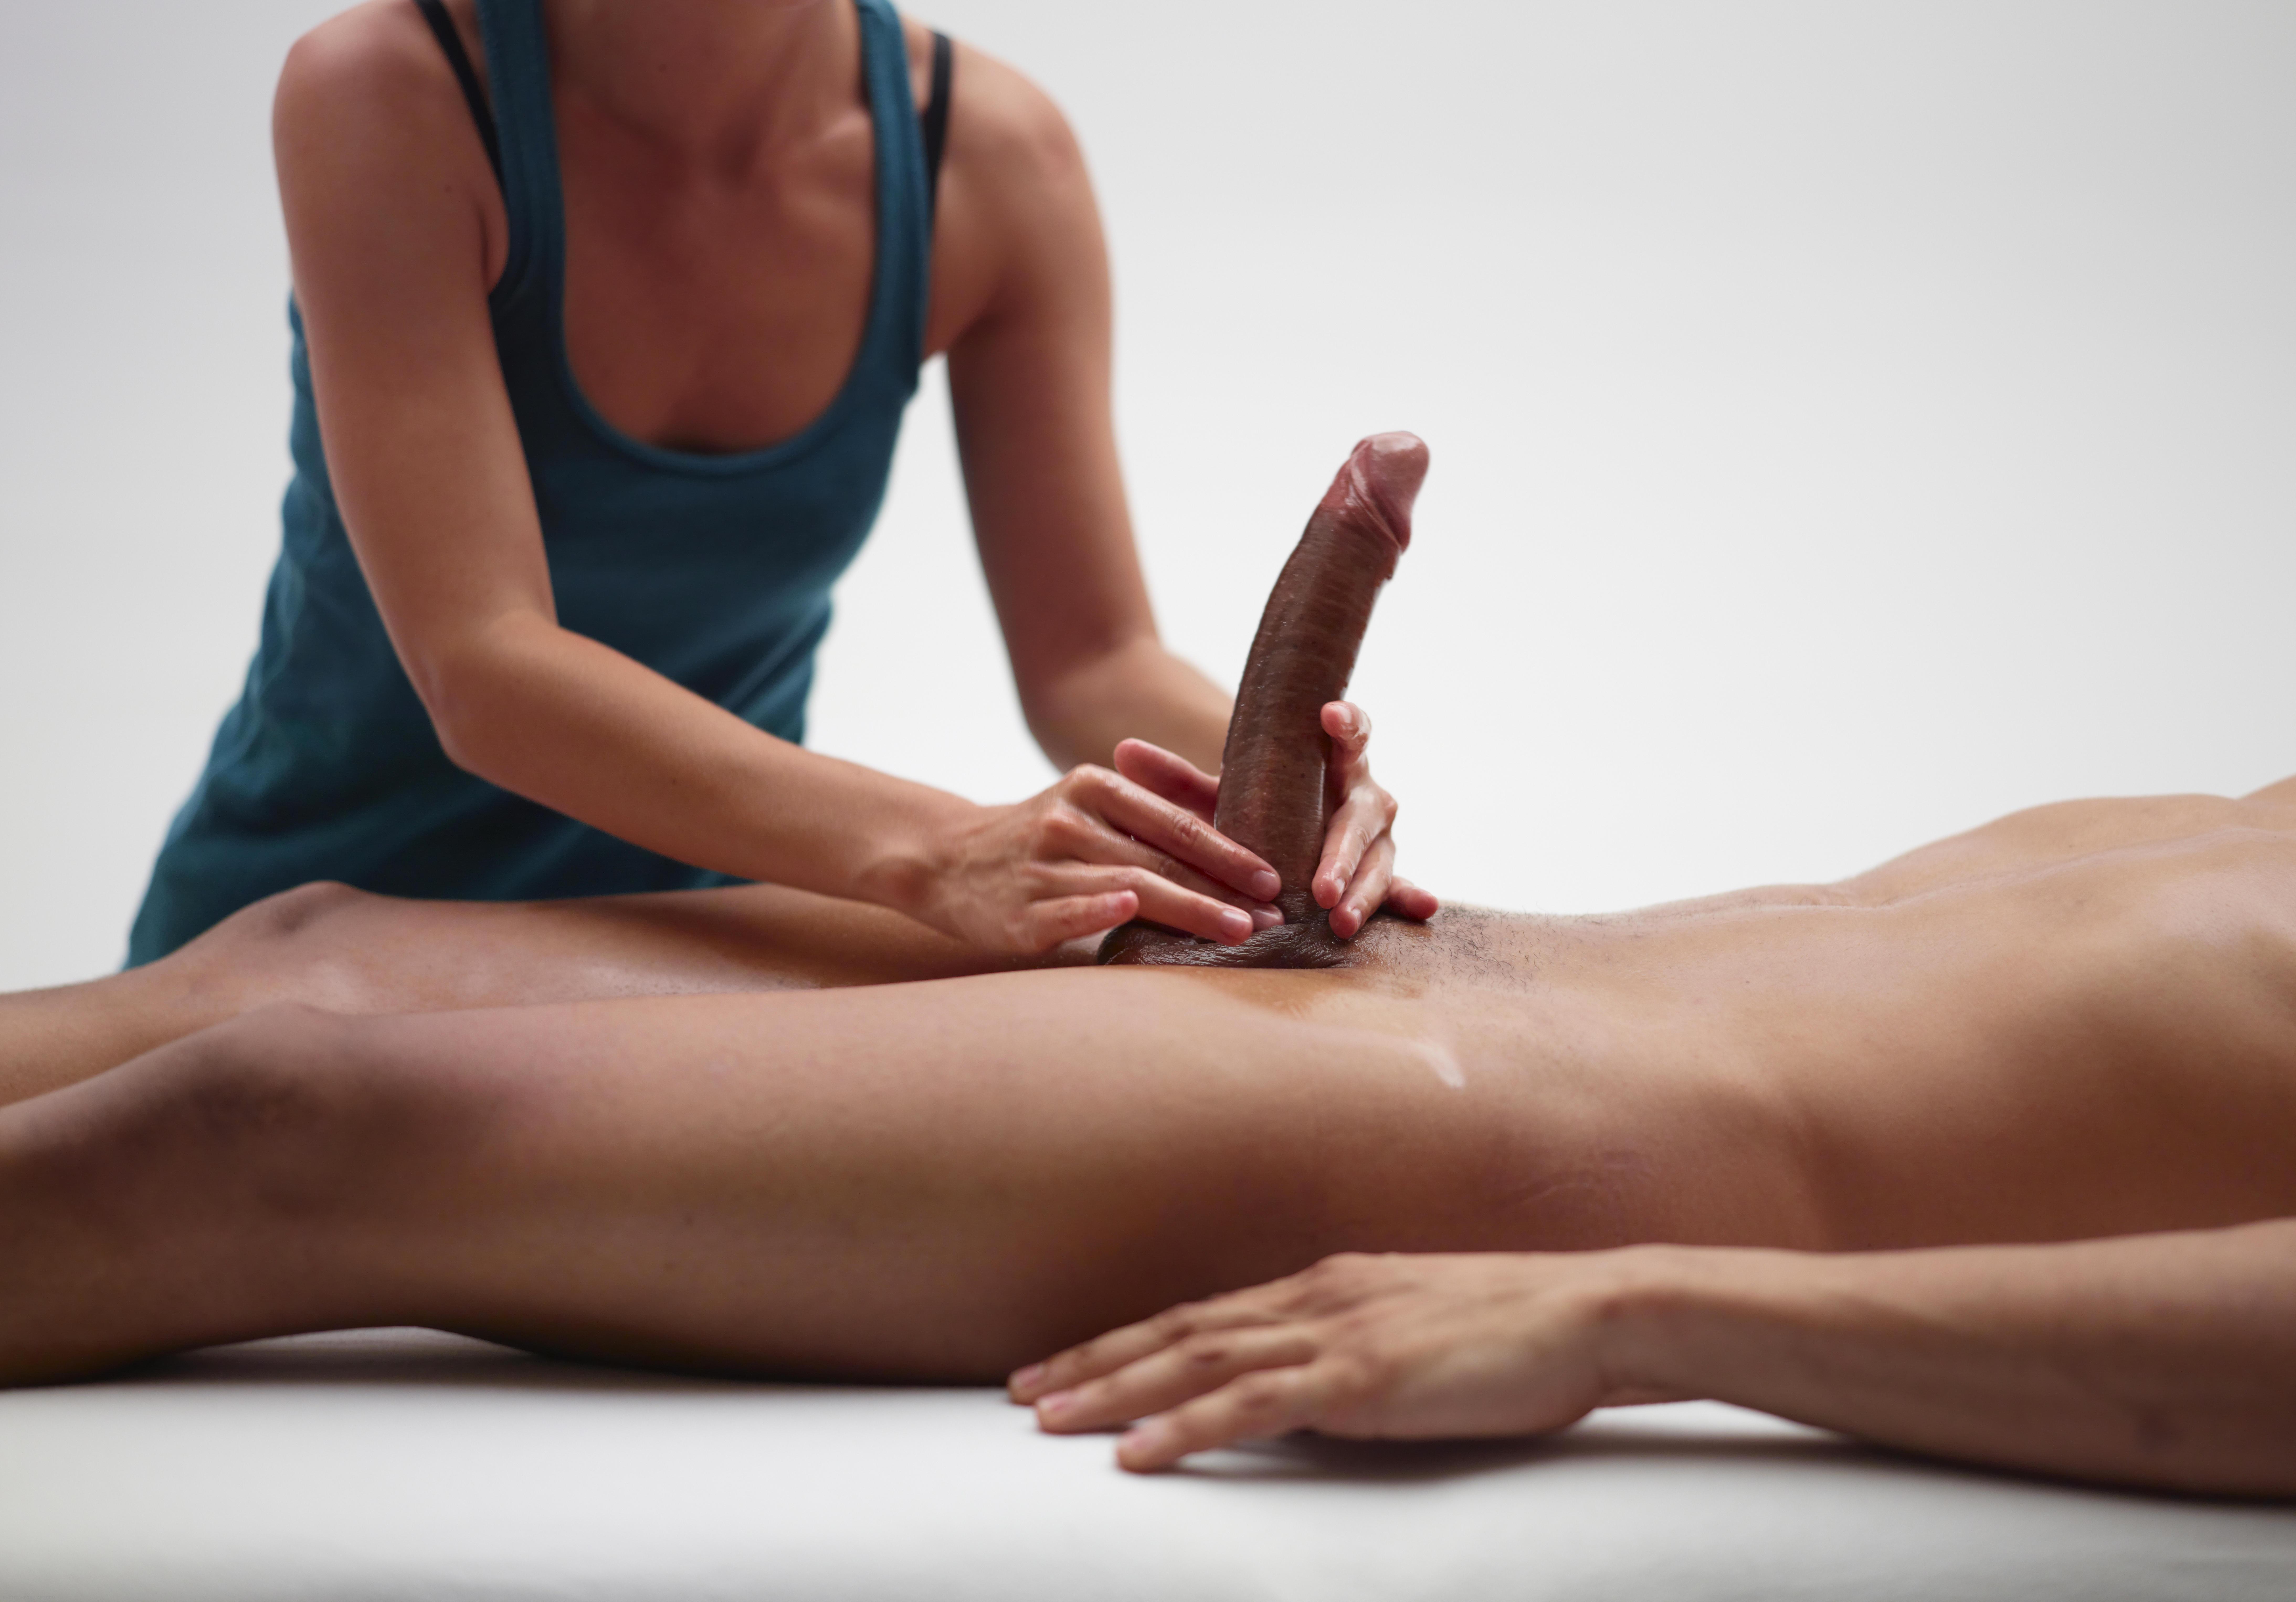 Иротический массаж полового члена